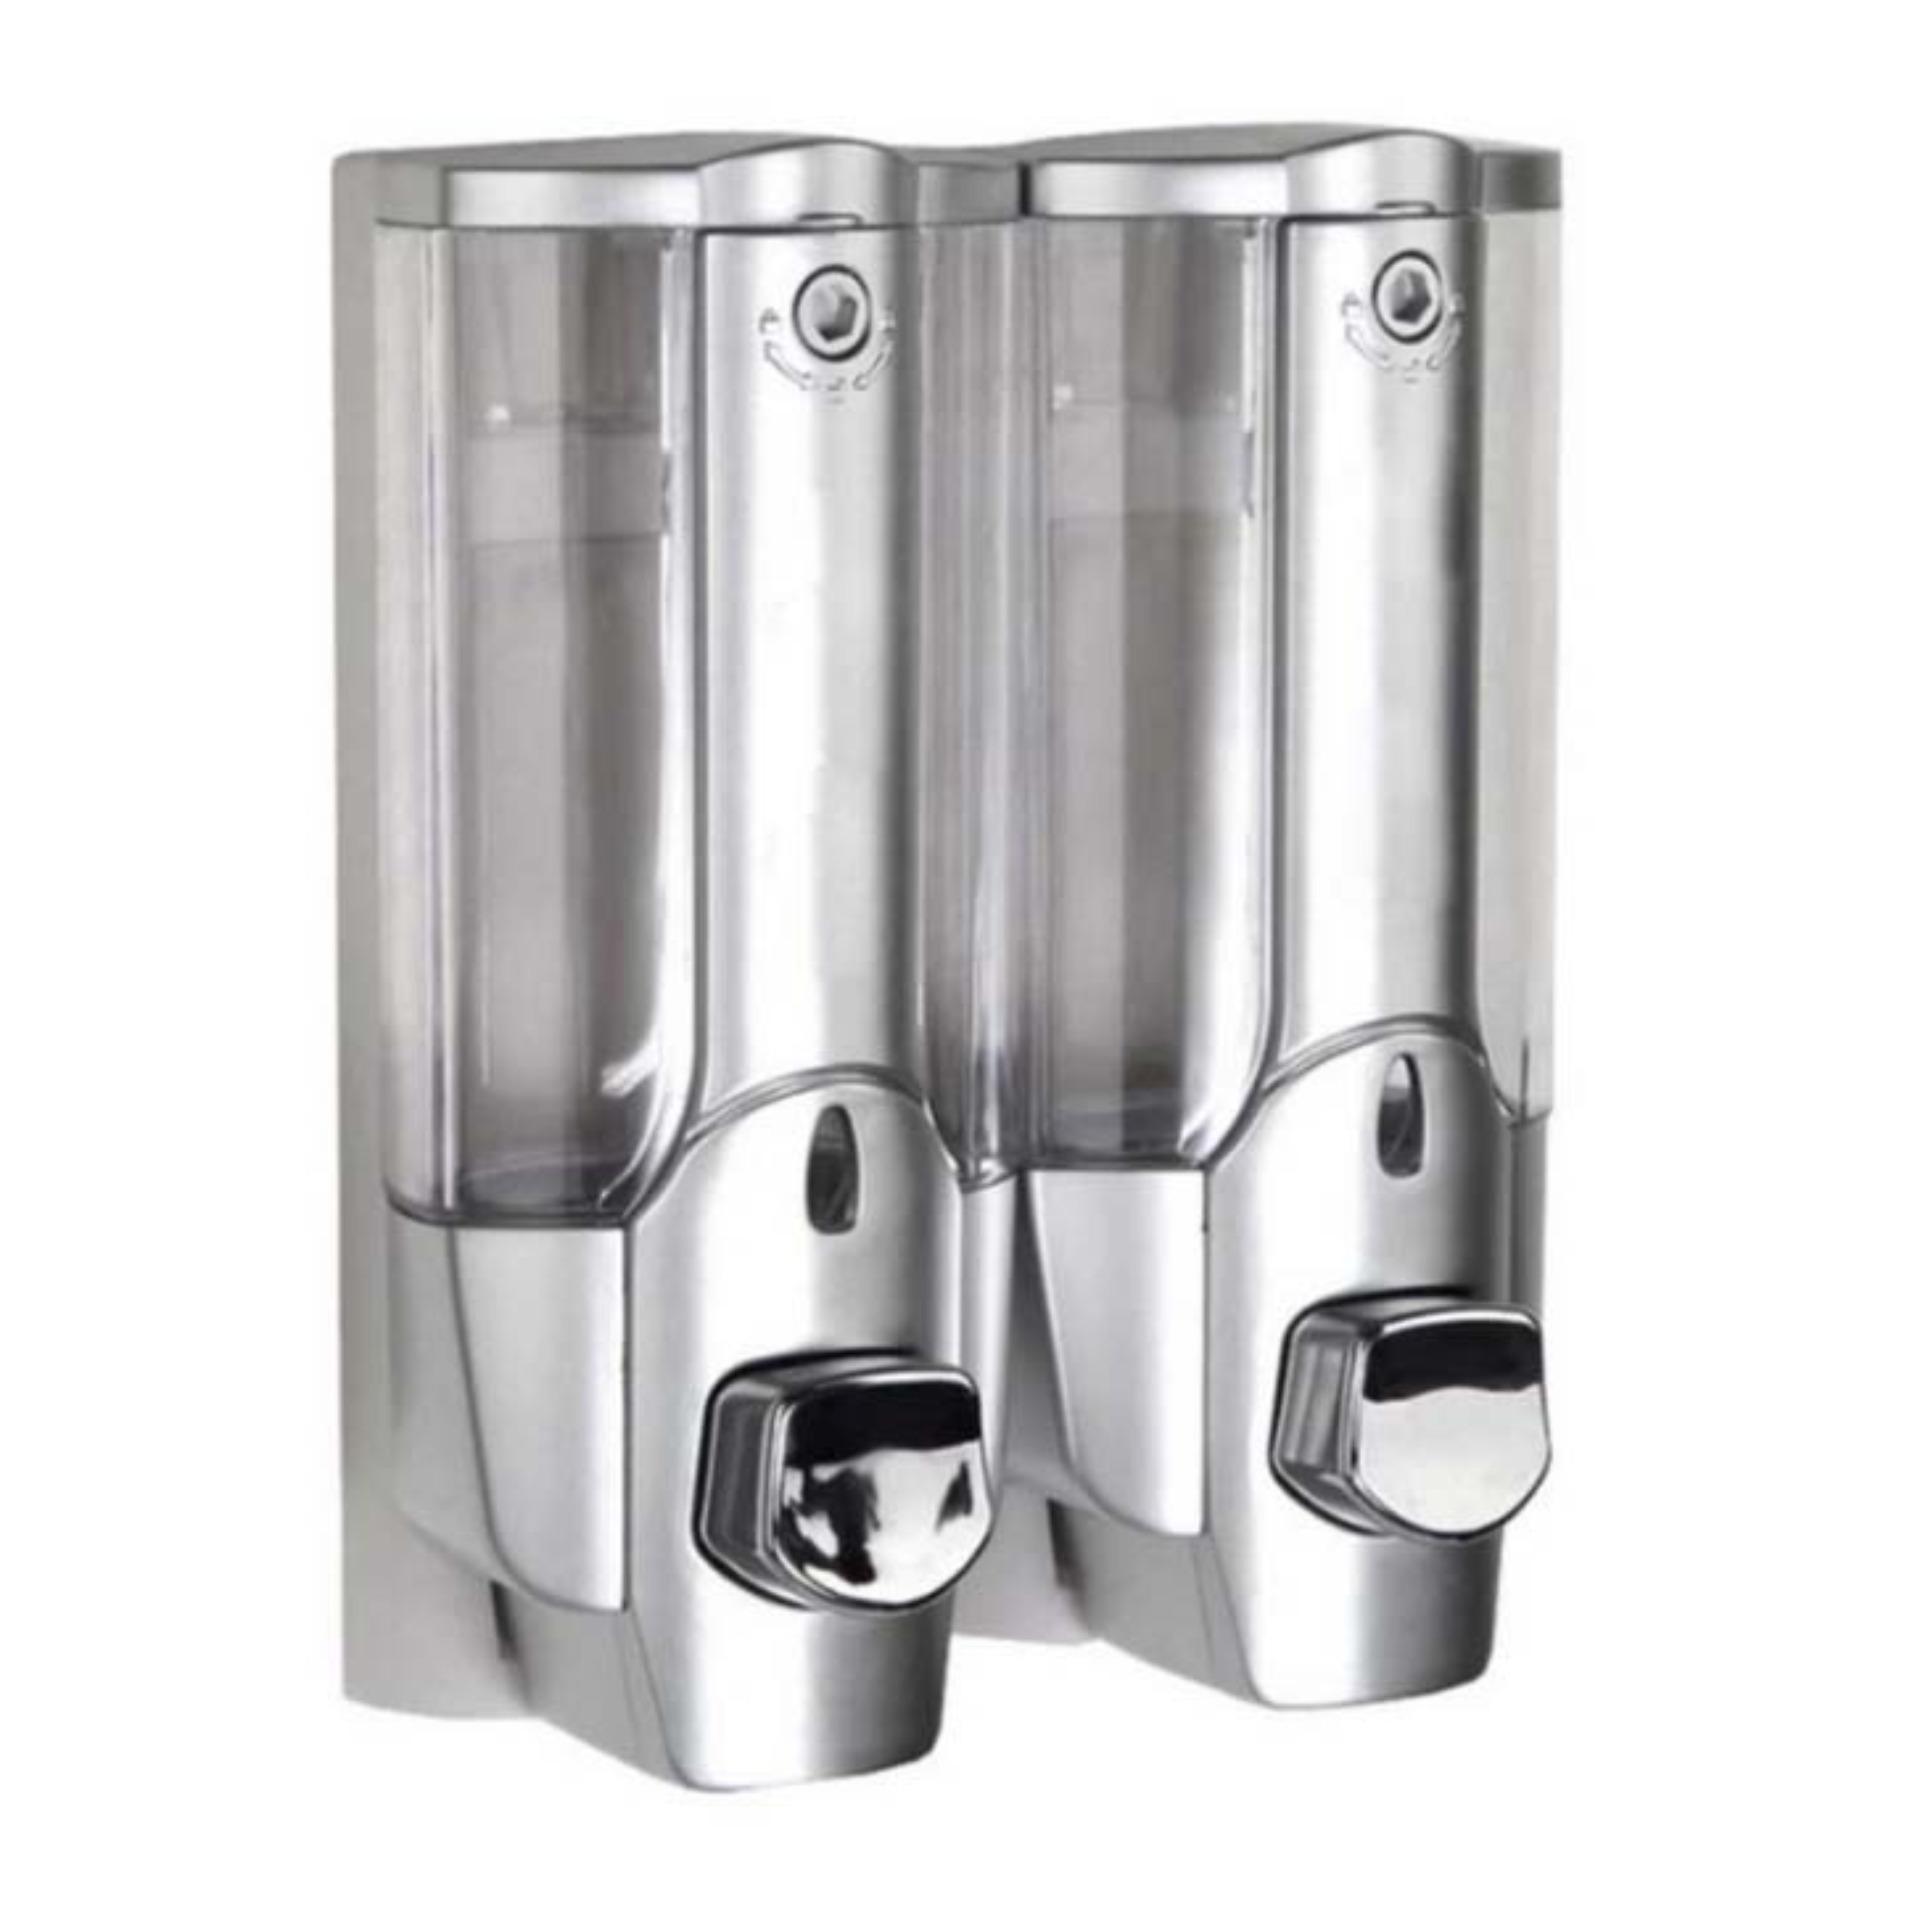 Menghias Kamar Mandi StarHome Dispenser Sabun Cair 2 in 1 with Key Lock - Tempat Sabun Cair 2 in